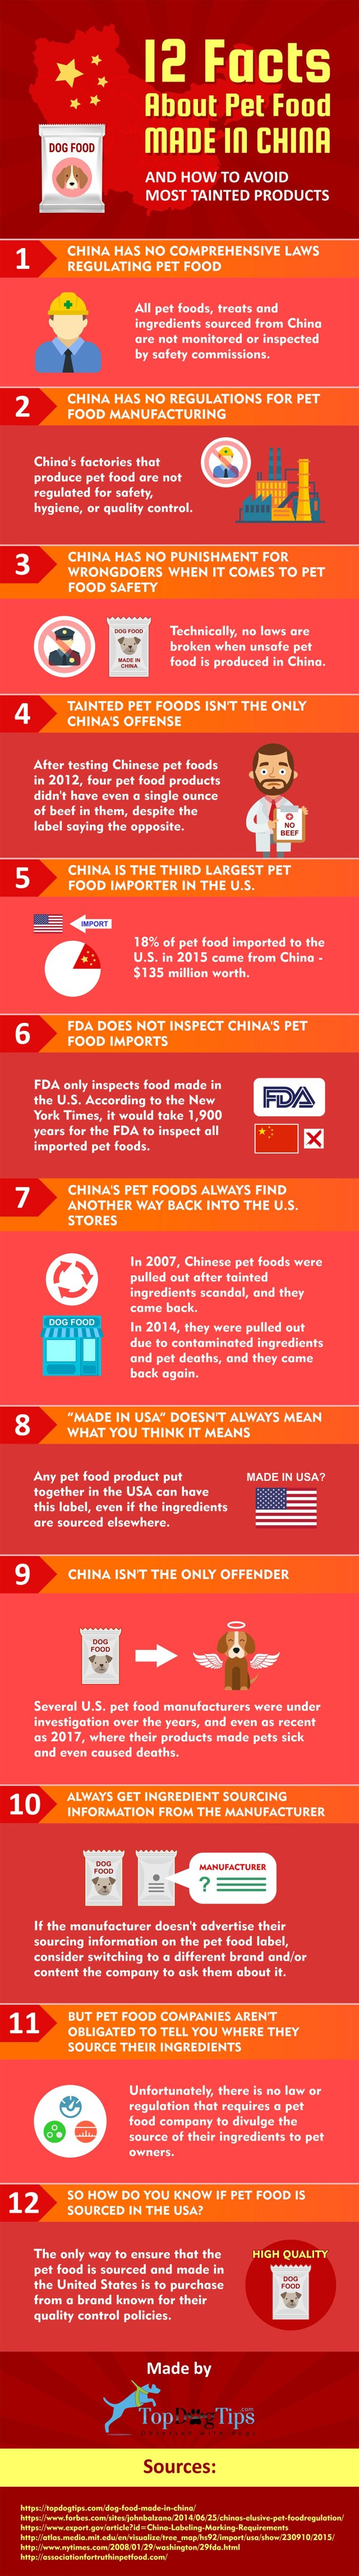 China Pet Food